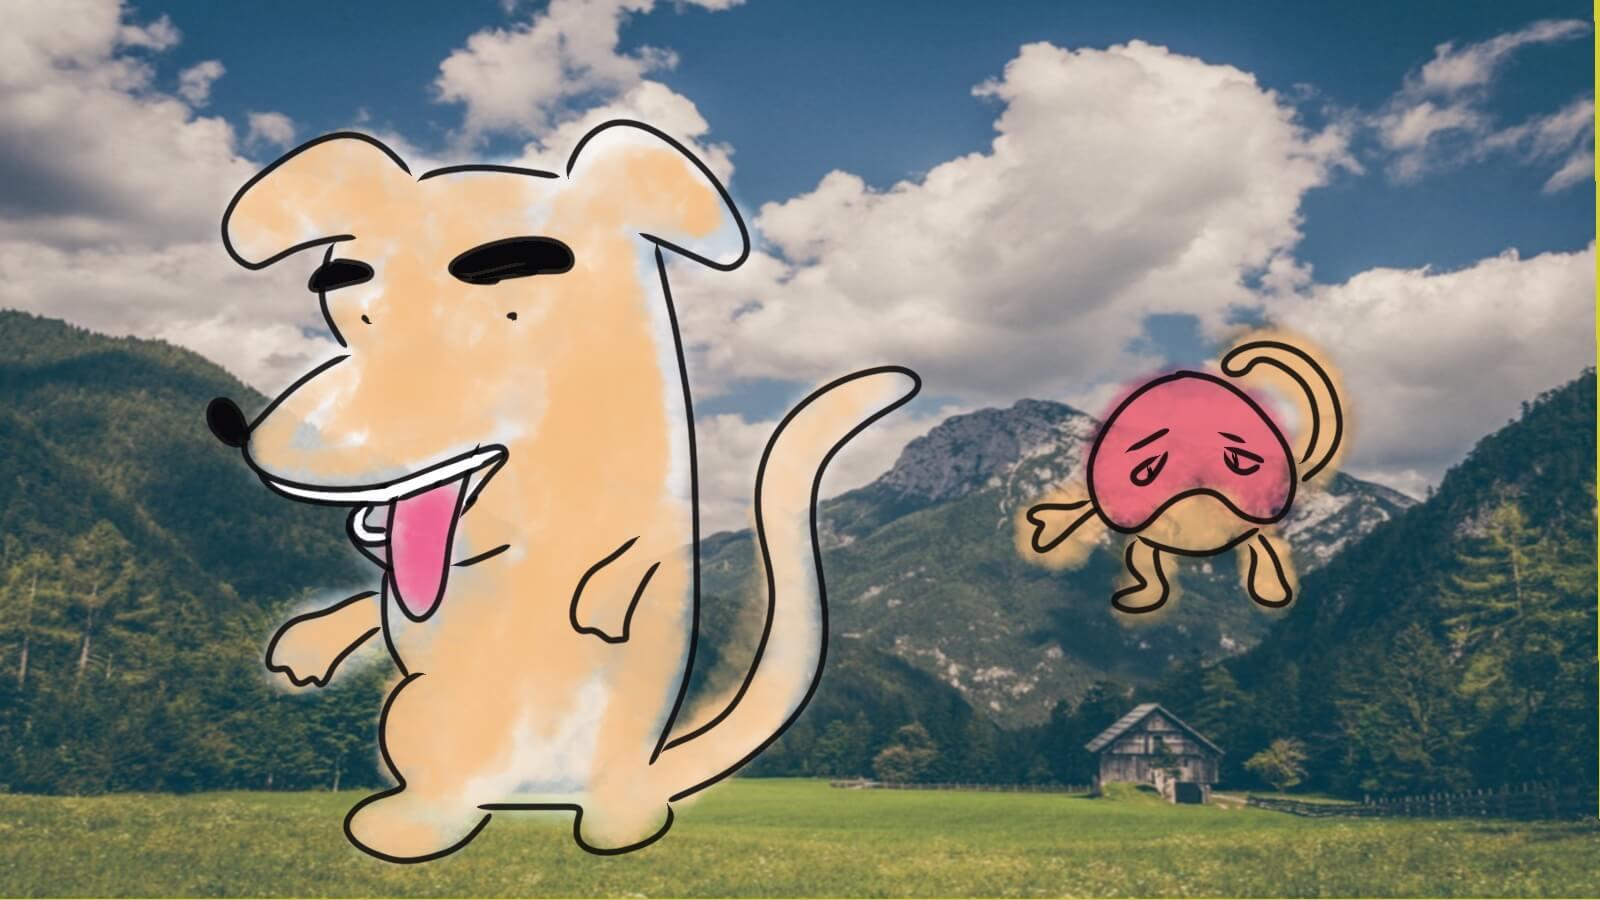 【ゲーム好き必見】ワクワクするゲームエッセイ『犬マユゲでいこう』をご紹介